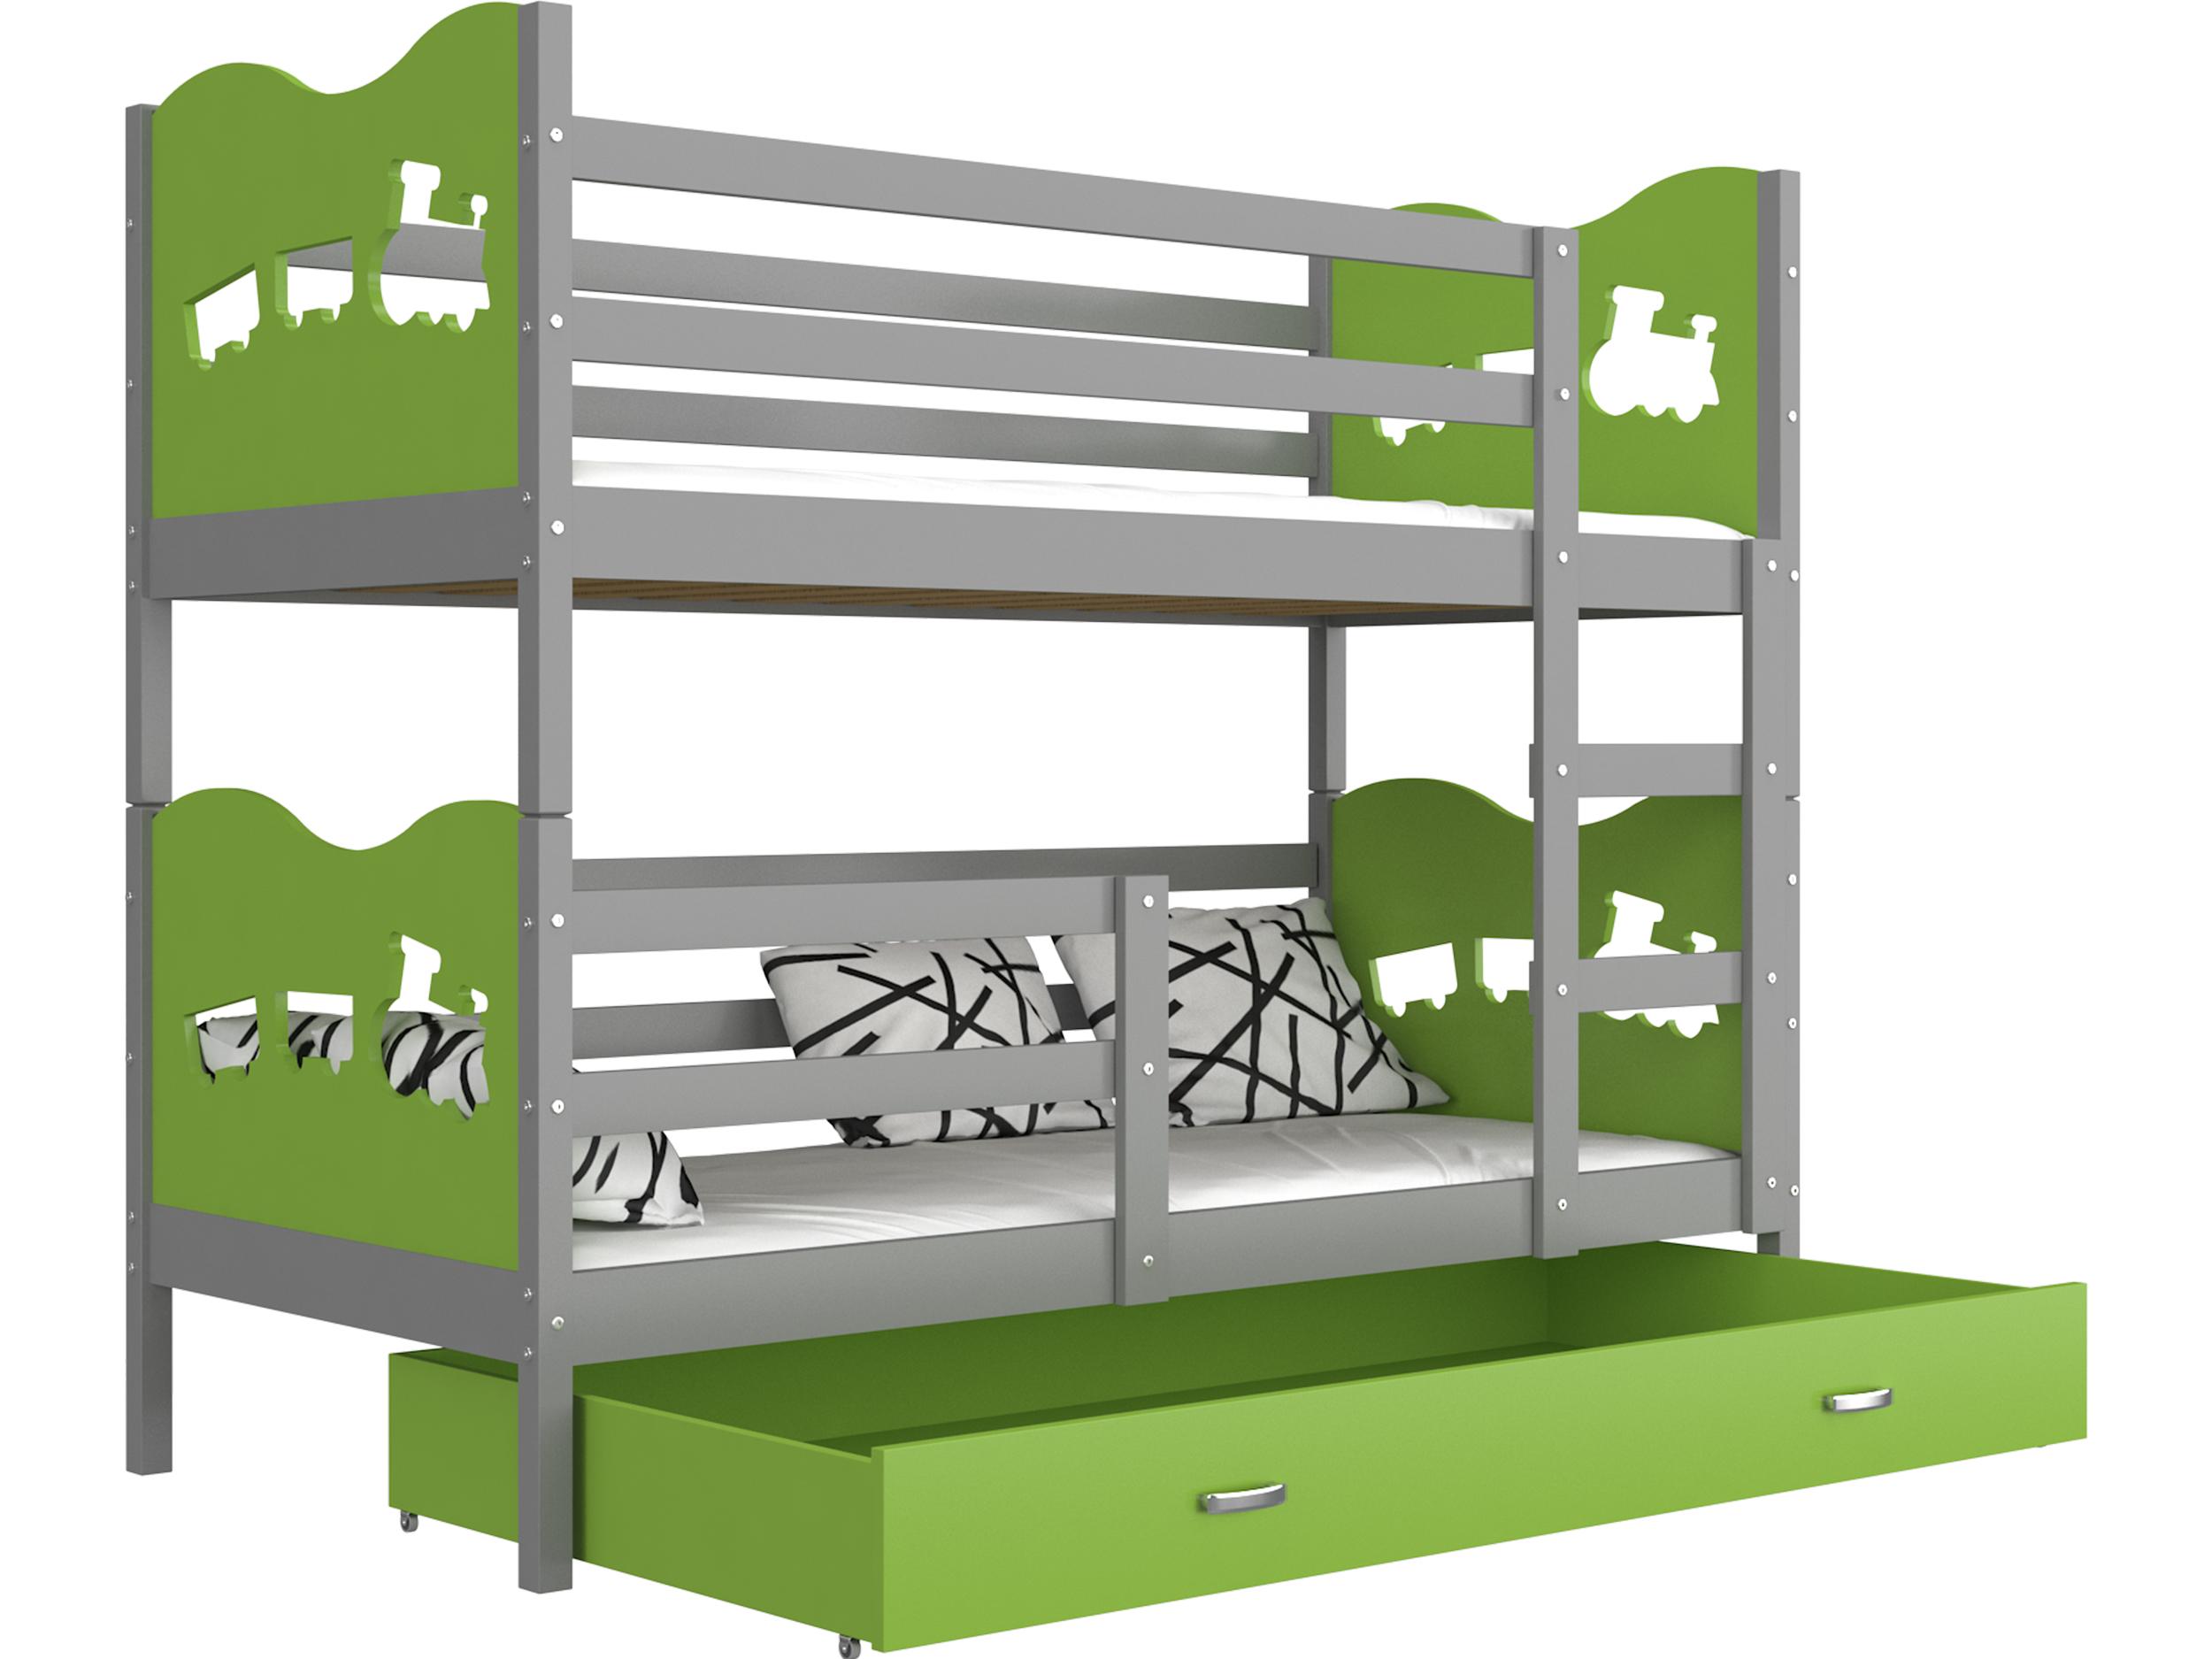 ArtAJ Detská poschodová posteľ MAX / MDF 160 x 80 cm Farba: Sivá / zelená, Prevedenie: bez matraca 160 x 80 cm